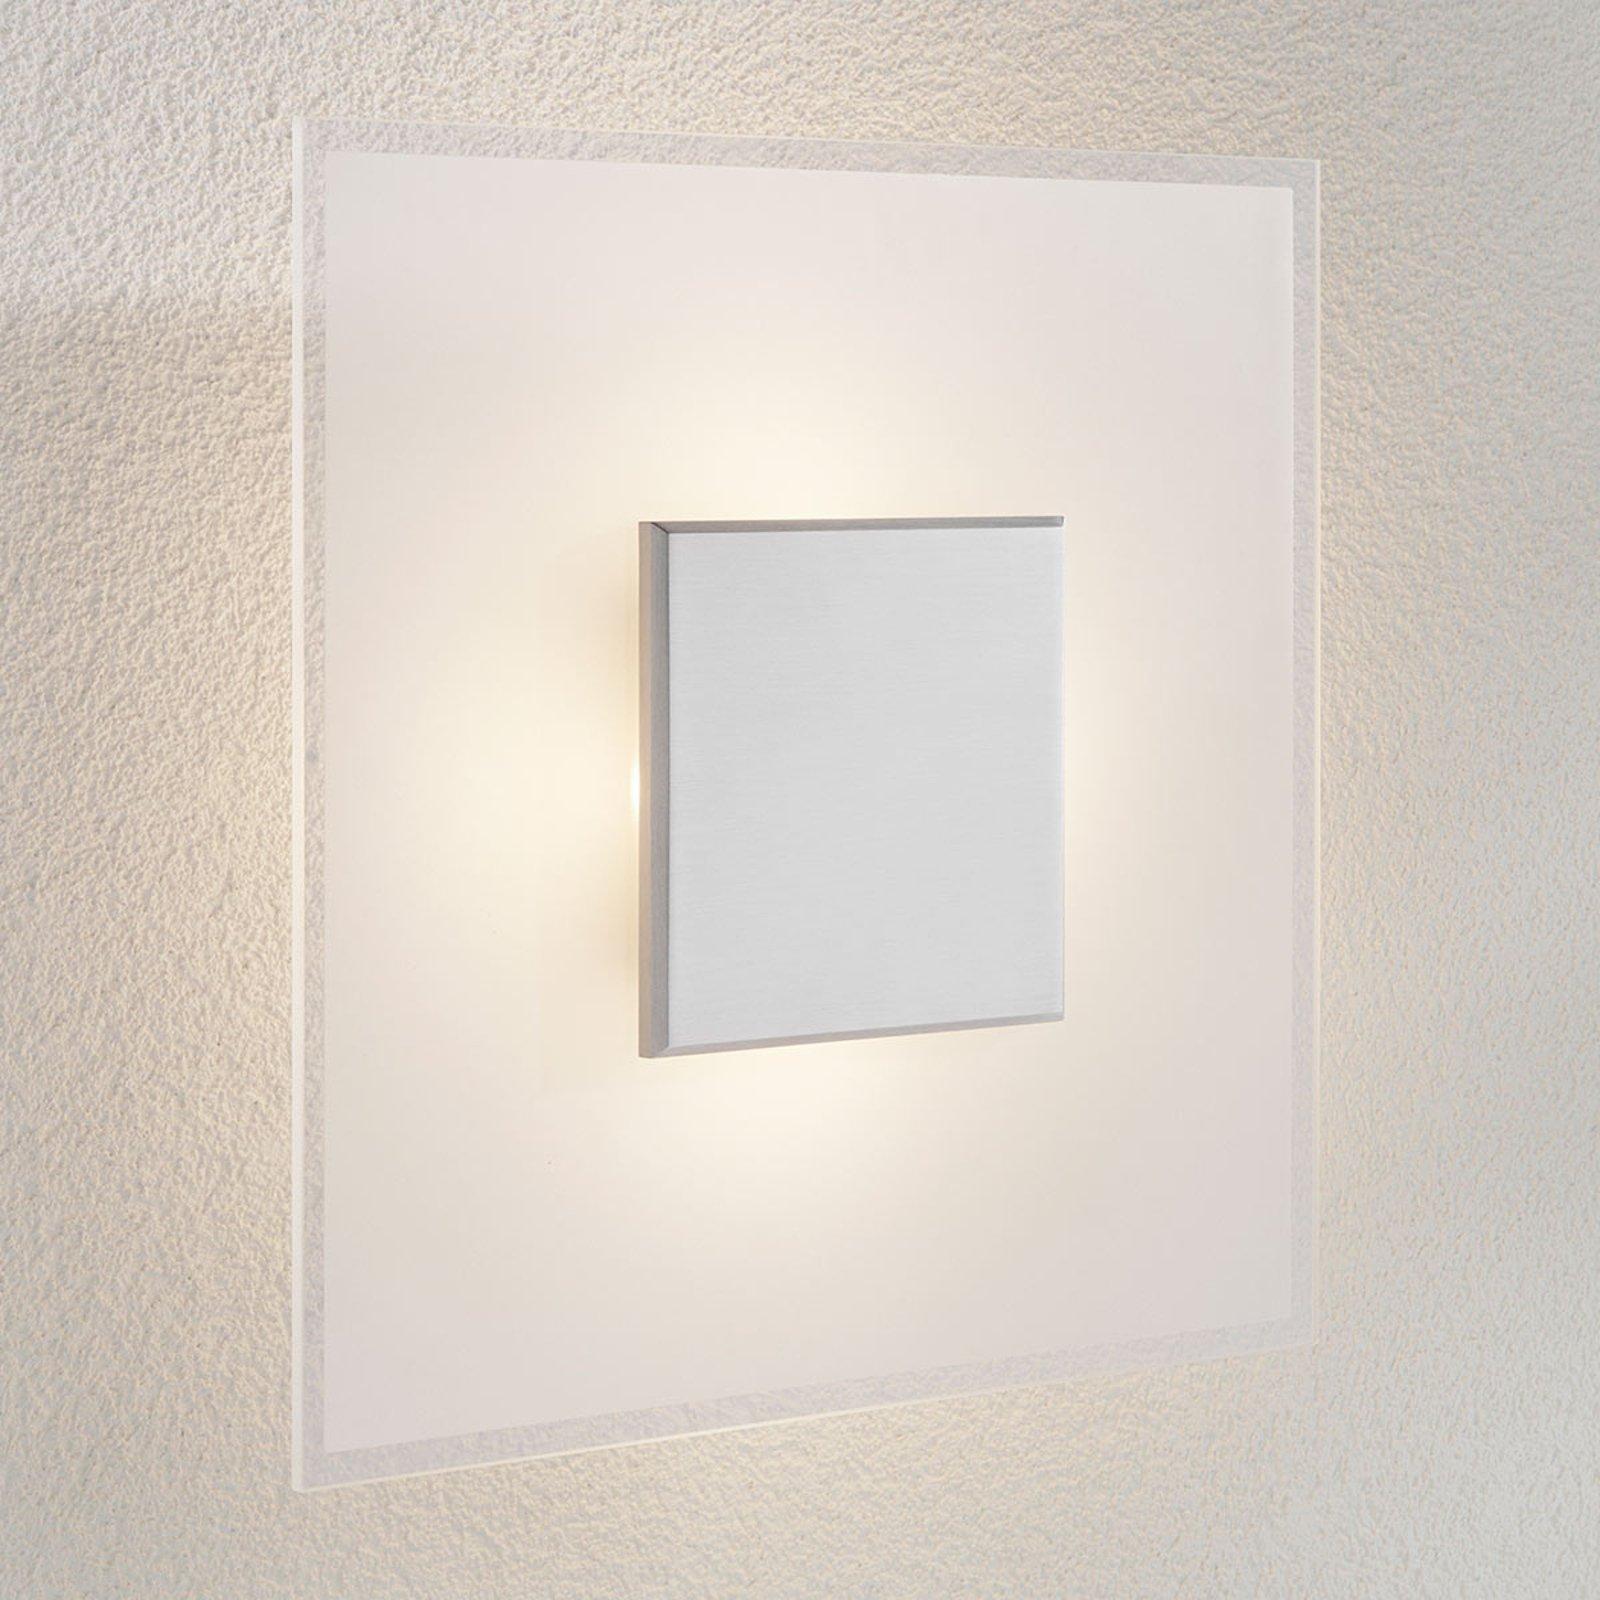 Dimbar LED-taklampe Lole i glass